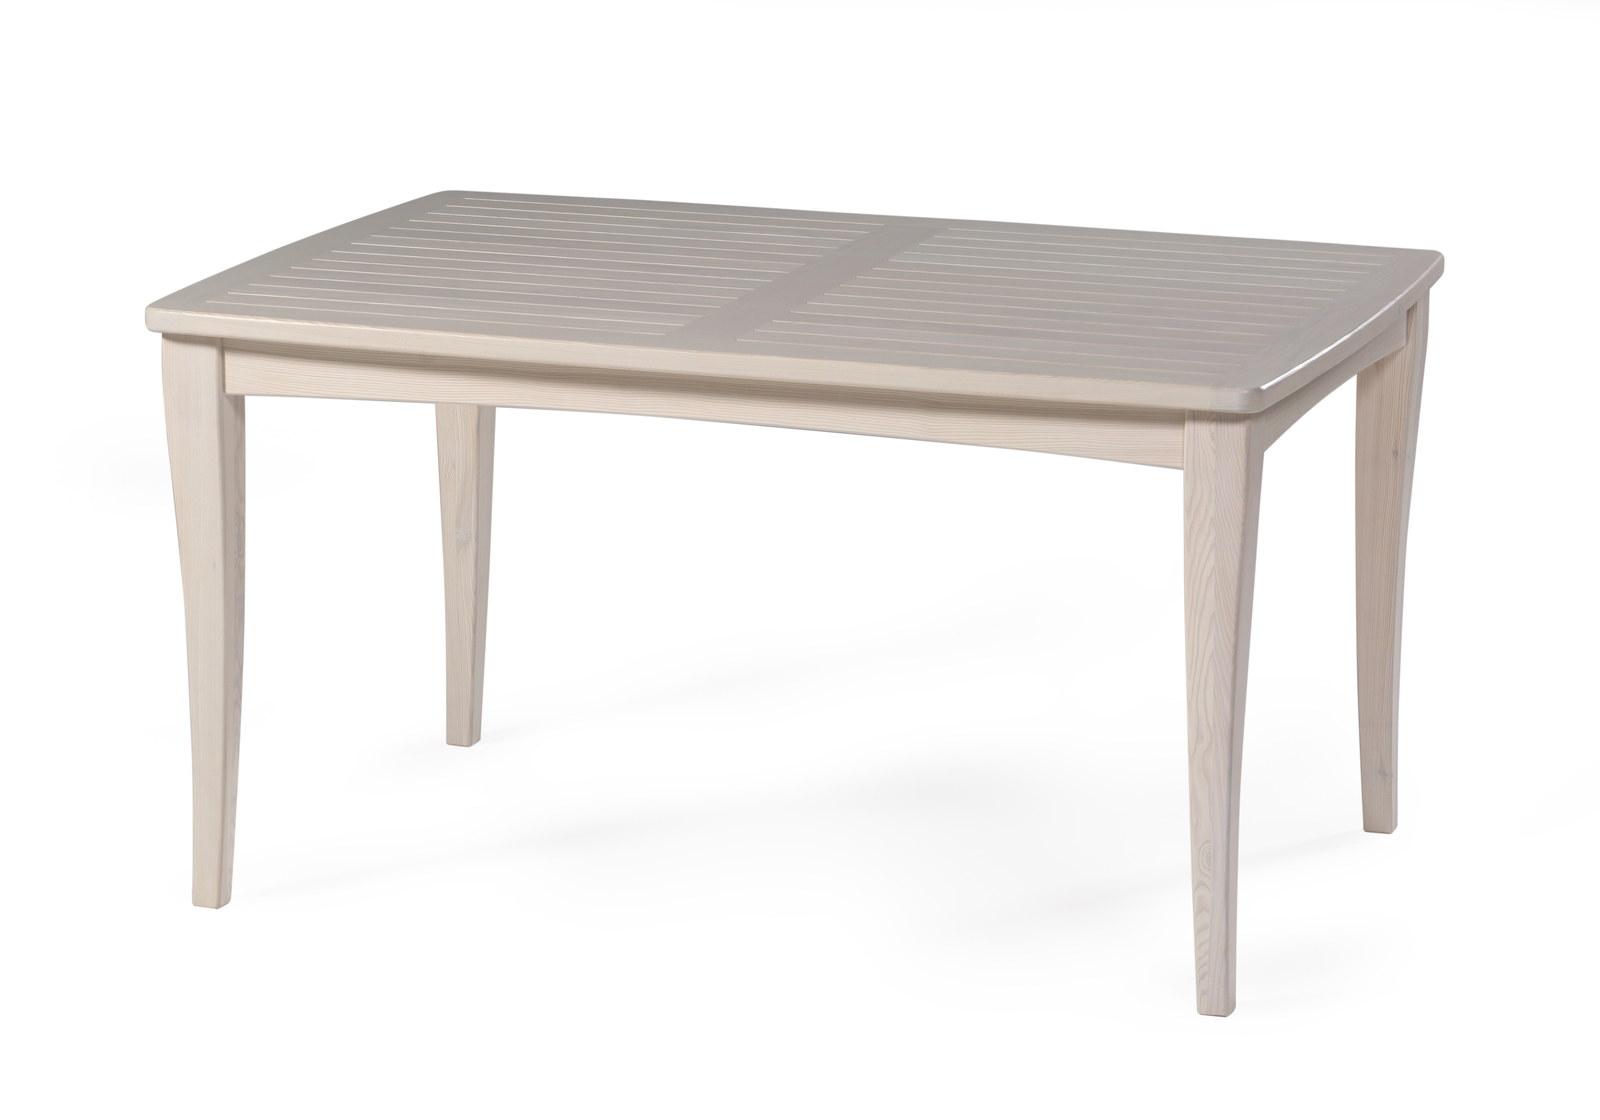 Стол АристократСтолы и столики для сада<br>Изделие изготовлено из массива лиственницы.<br><br>Material: Дерево<br>Ширина см: 78<br>Высота см: 104<br>Глубина см: 151